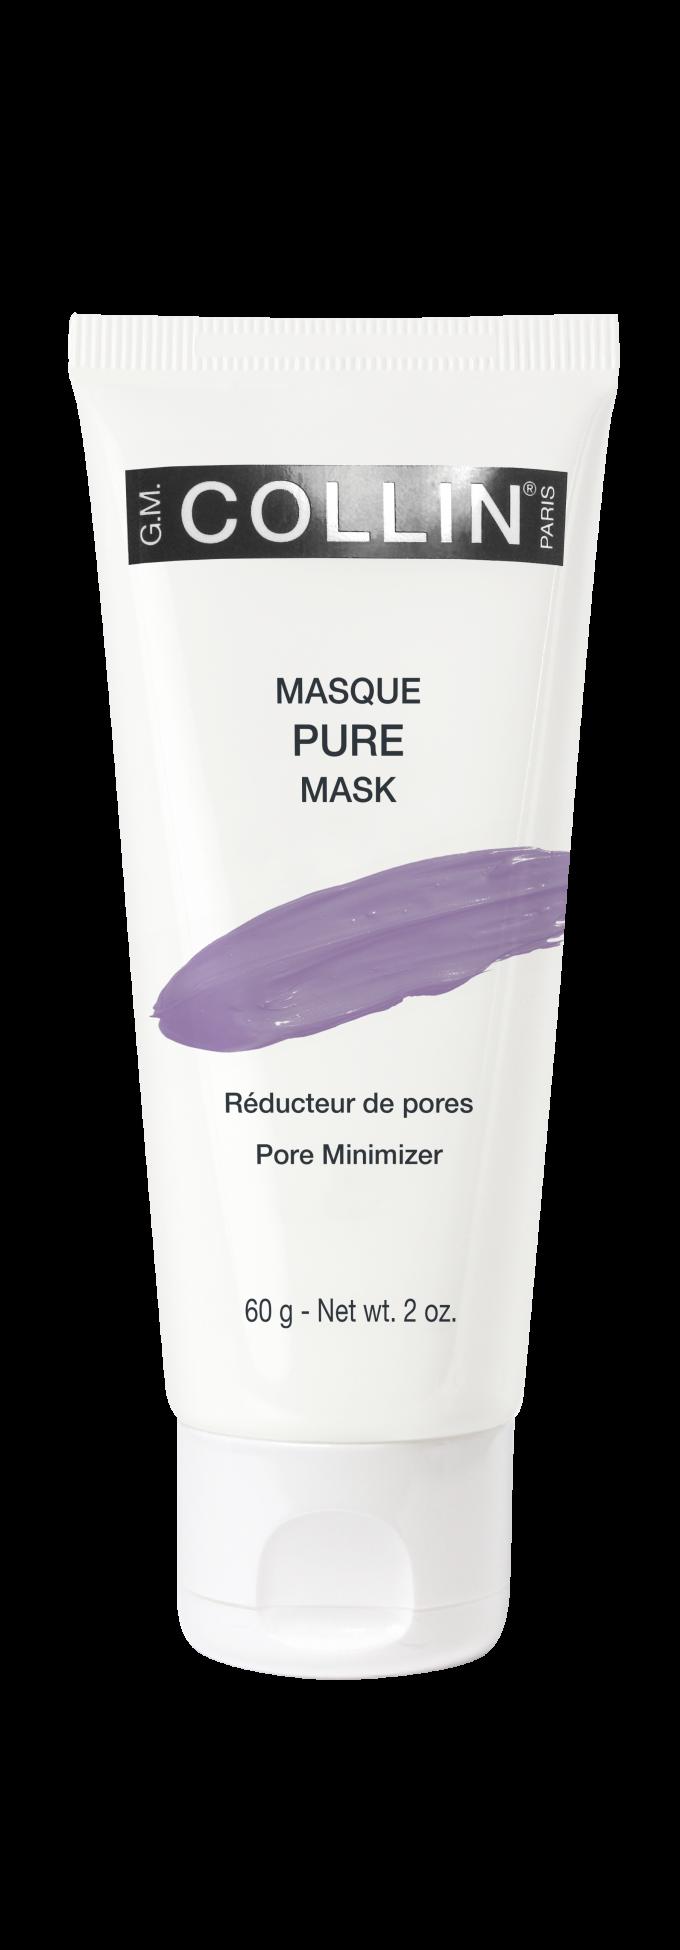 masque pure